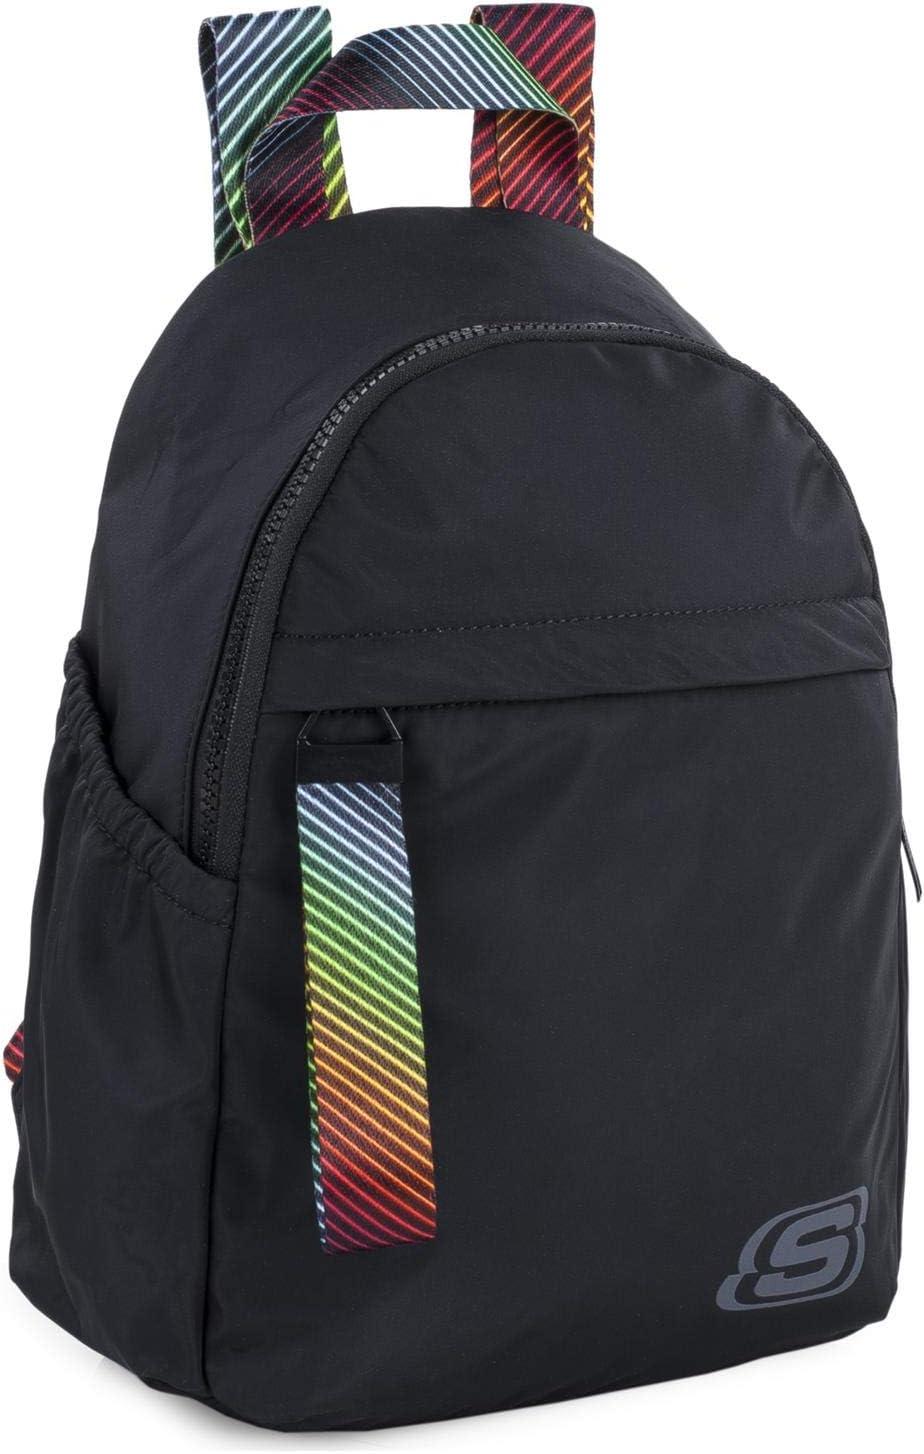 SKECHERS - Mochila Pequeña Mujer con Bolsillo Interior Tablet Ideal para Uso Diario Práctica Cómoda Versátil S895, Color Negro